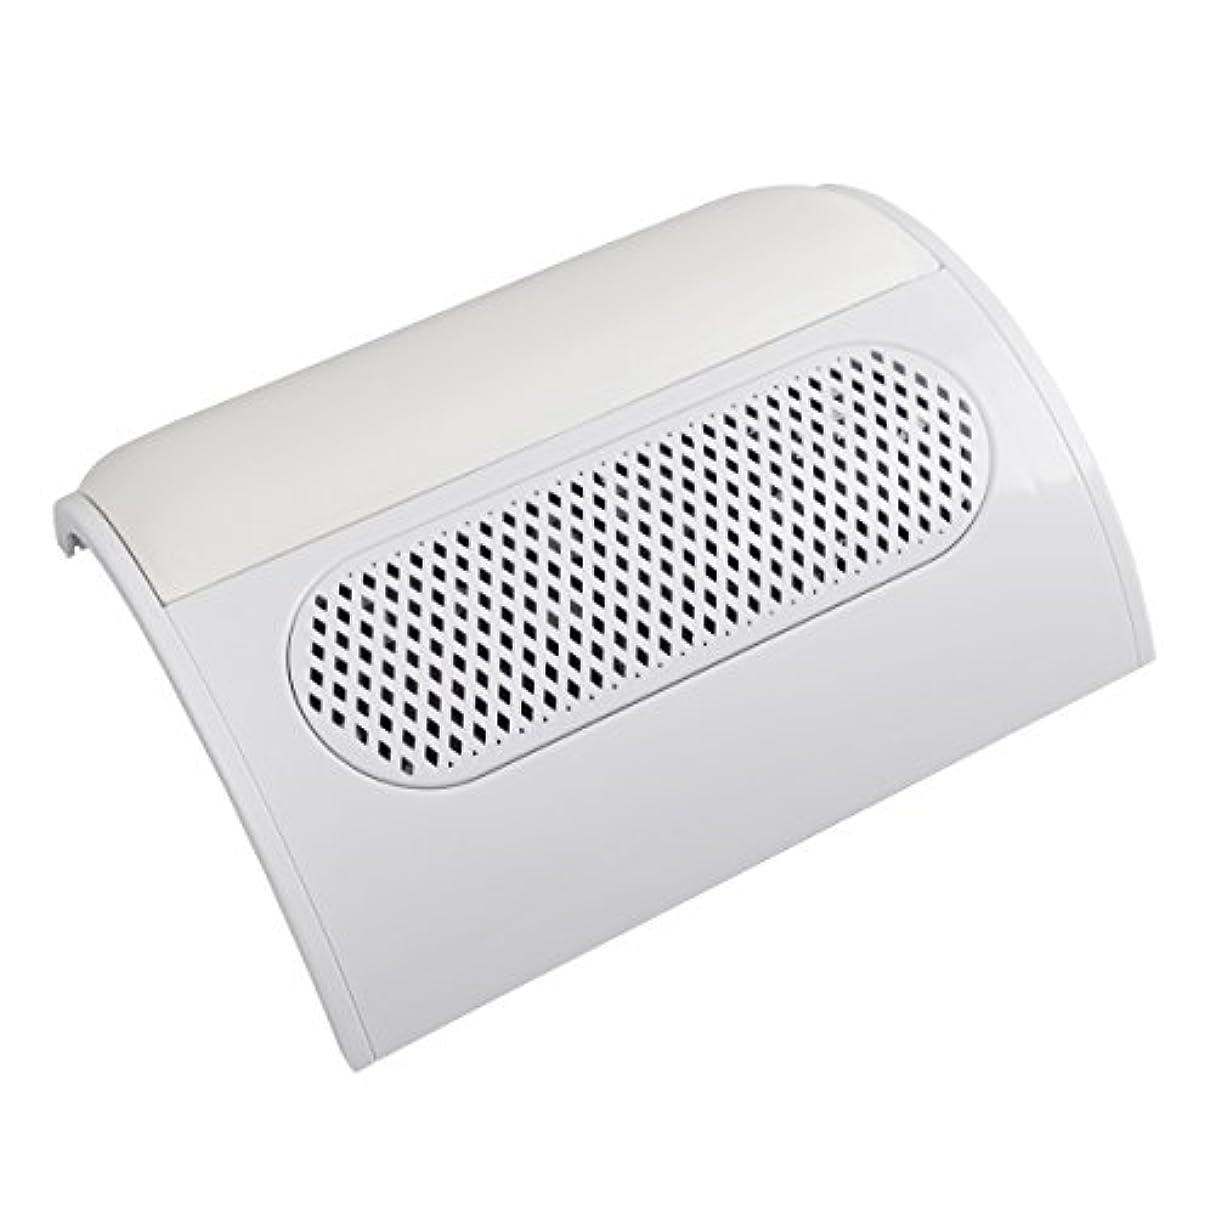 ボタン装備する伝導率(ビュティー)Biutee メタリックホワイト ネイルダスト 3連ファン集塵機 集塵バック3枚付き ダストクリーナー ジェルネイル ネイル機器 (白)